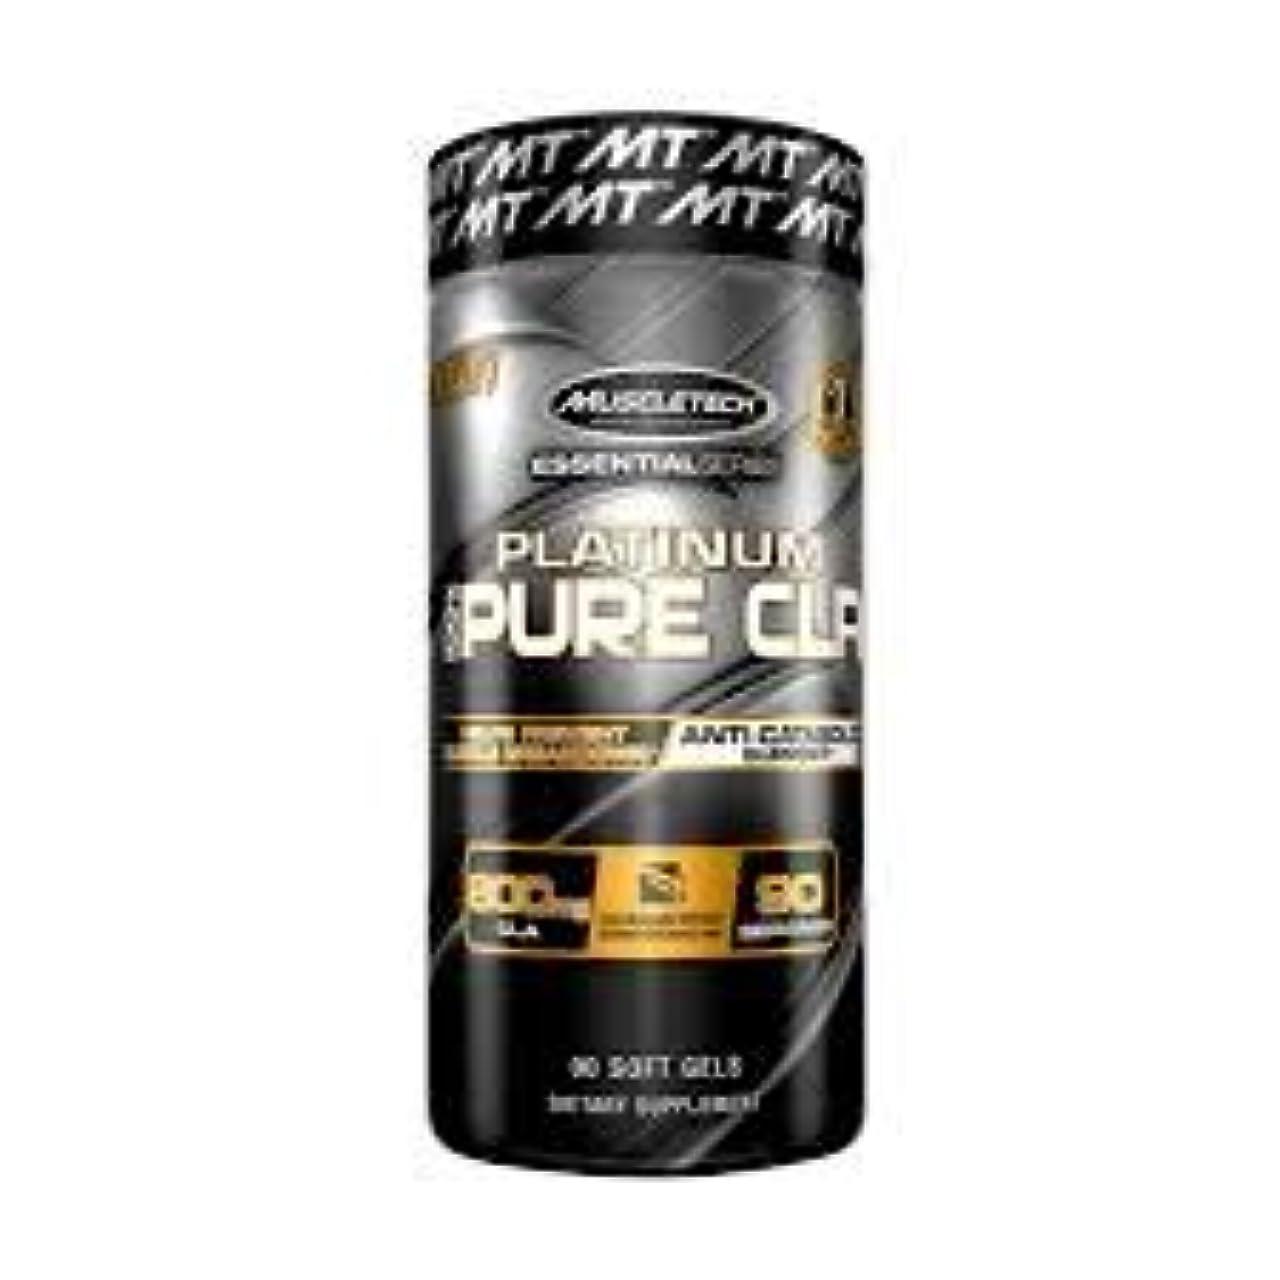 断線窒素挑発するMuscletech プラチナムピュアCLA 90カプセル (Platinum Pure CLA, 90 Soft Gel Caps)